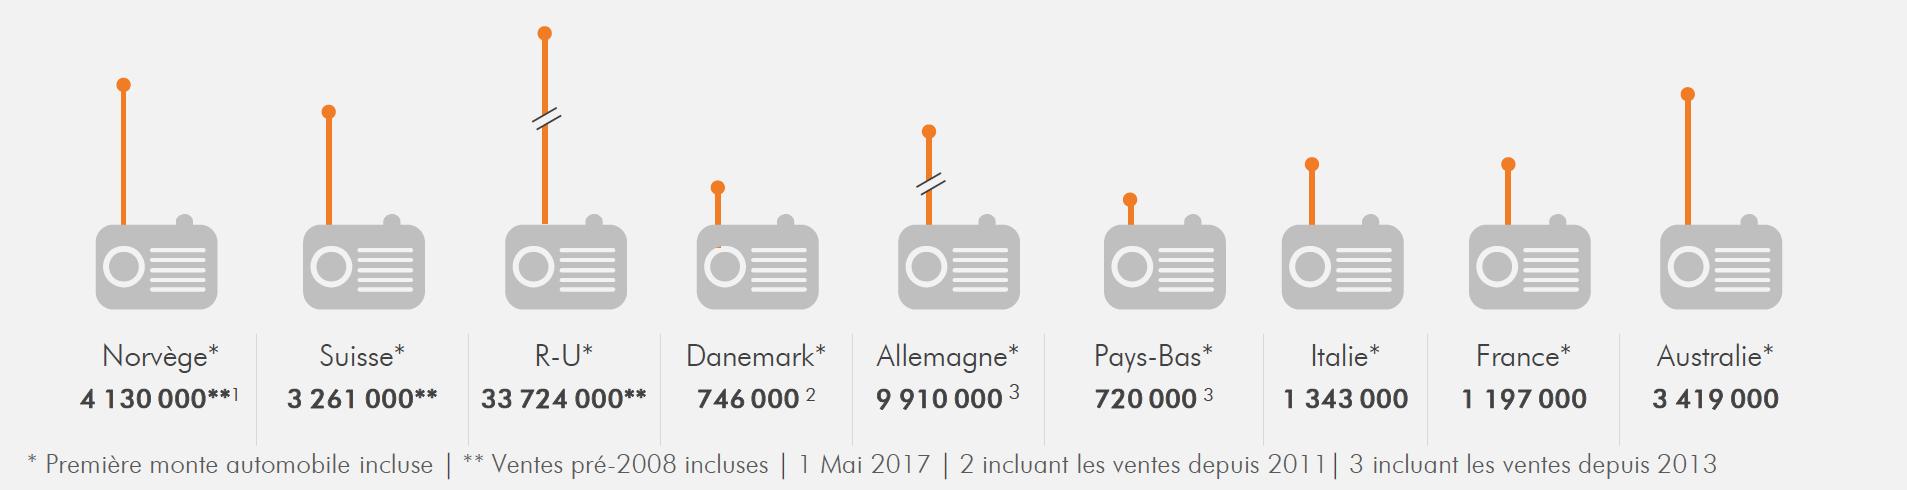 Ventes cumulées des récepteurs DAB/DAB+ (incluant la première monte automobile) 2008 - S1 2017